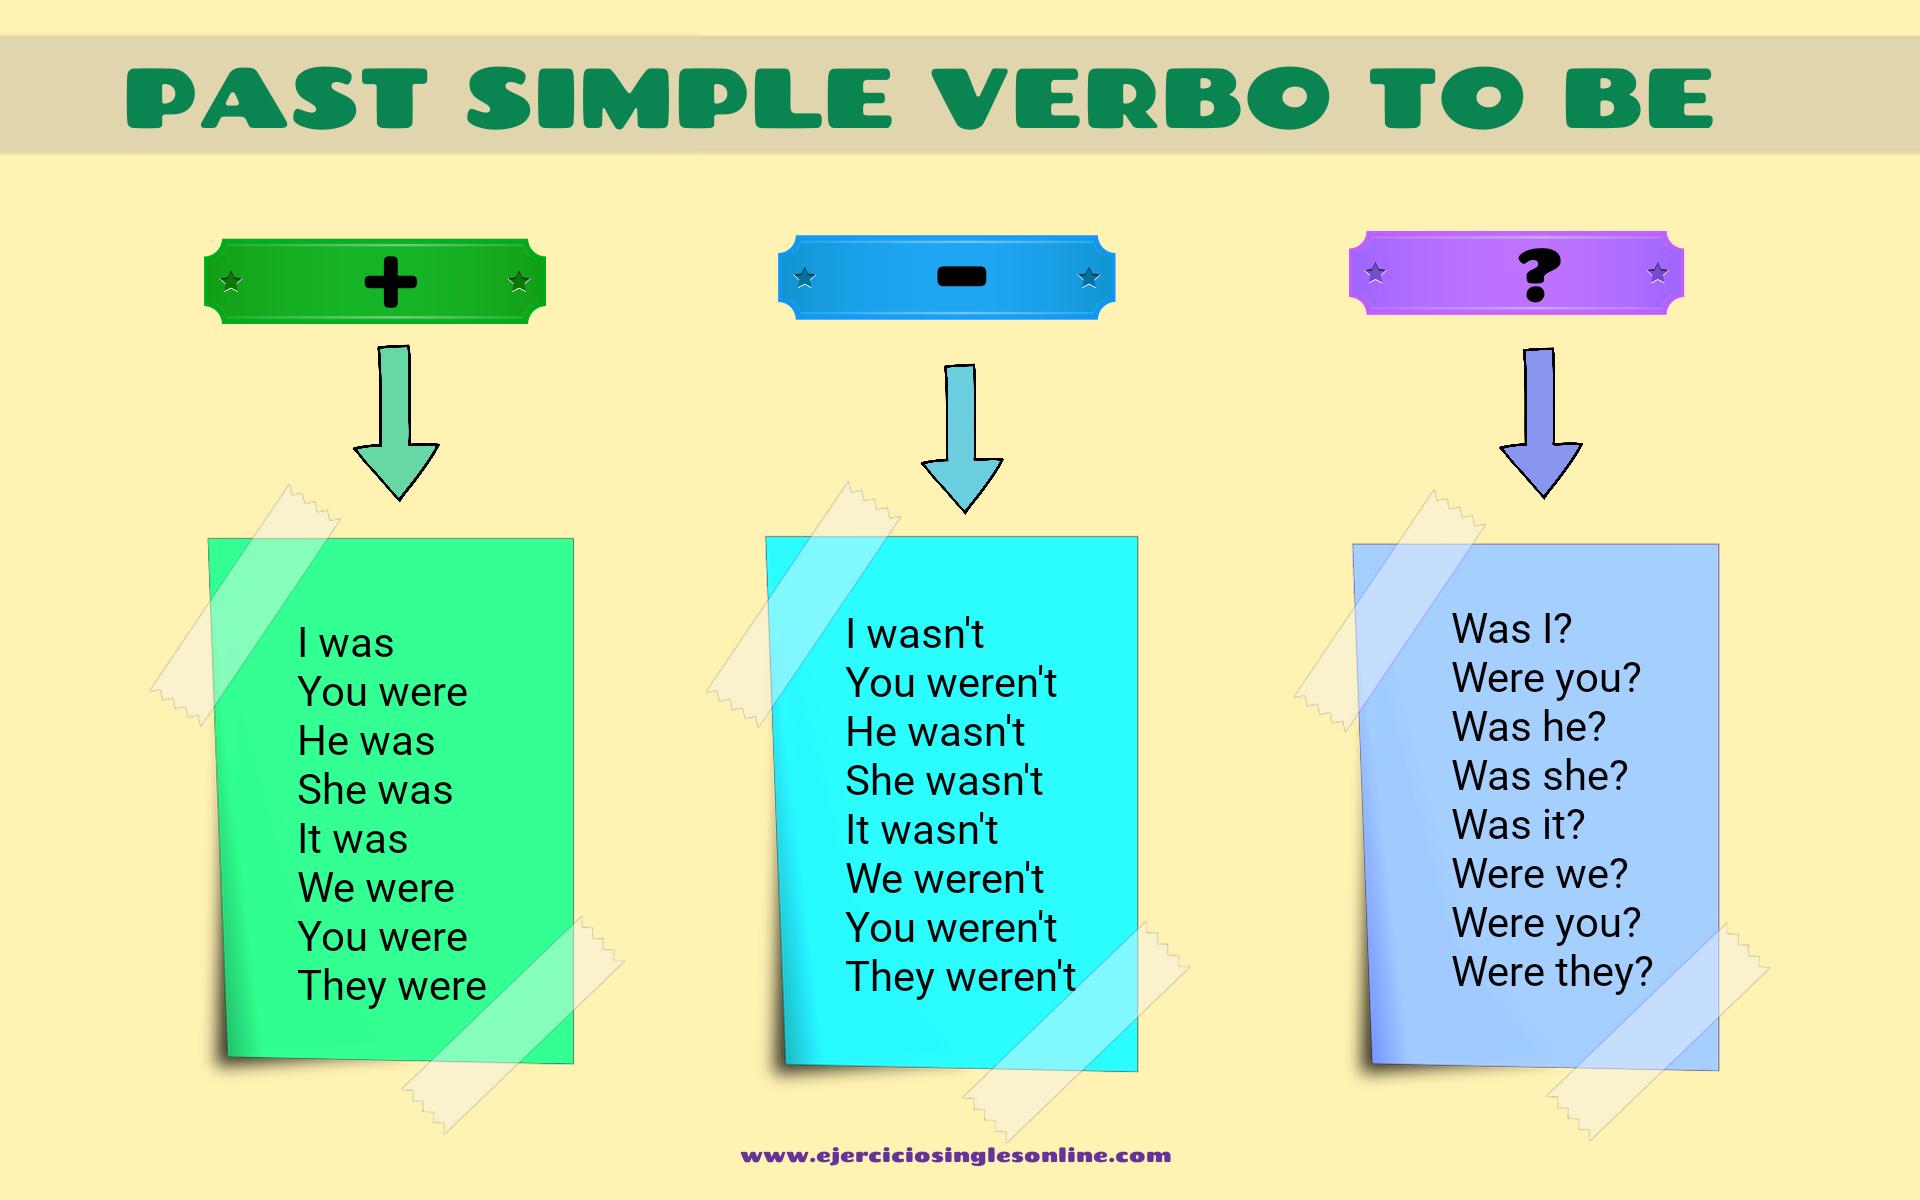 Pasado Simple Verbo To Be Ejercicio 1 Ejercicios Ingles Online